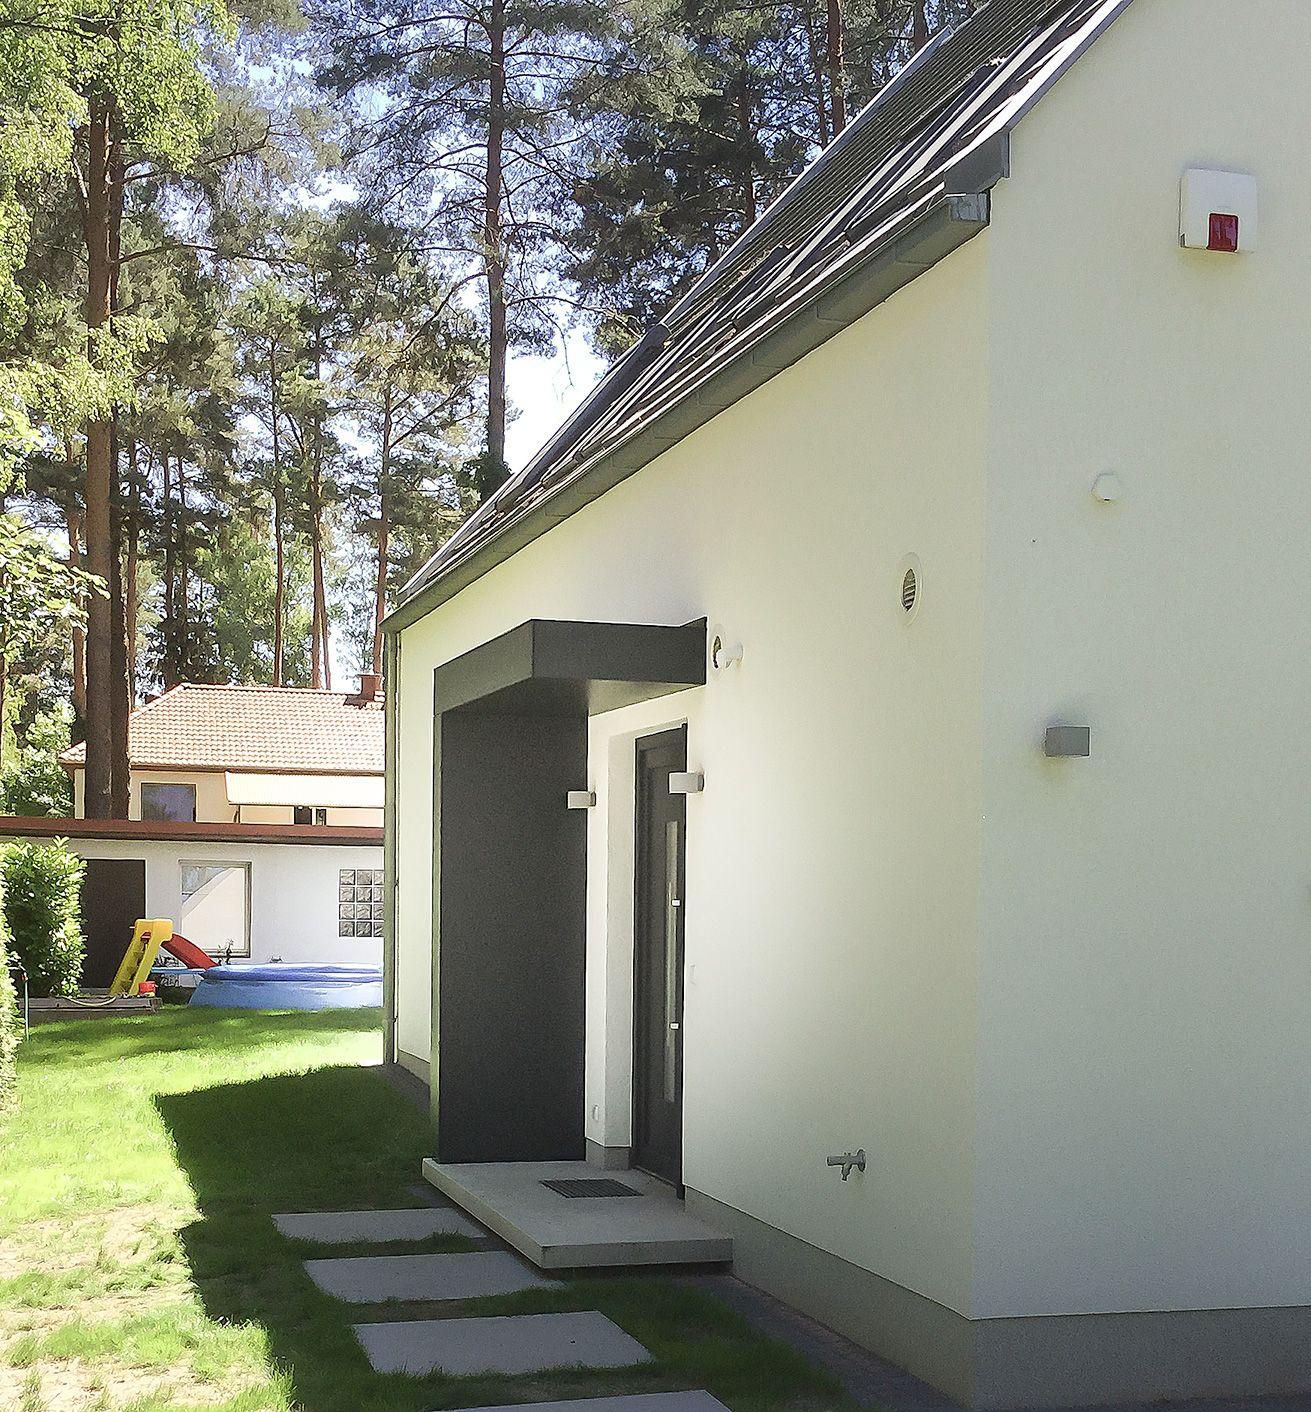 Eingangsüberdachung eingangsüberdachung hauseingang vordach siebau an einem